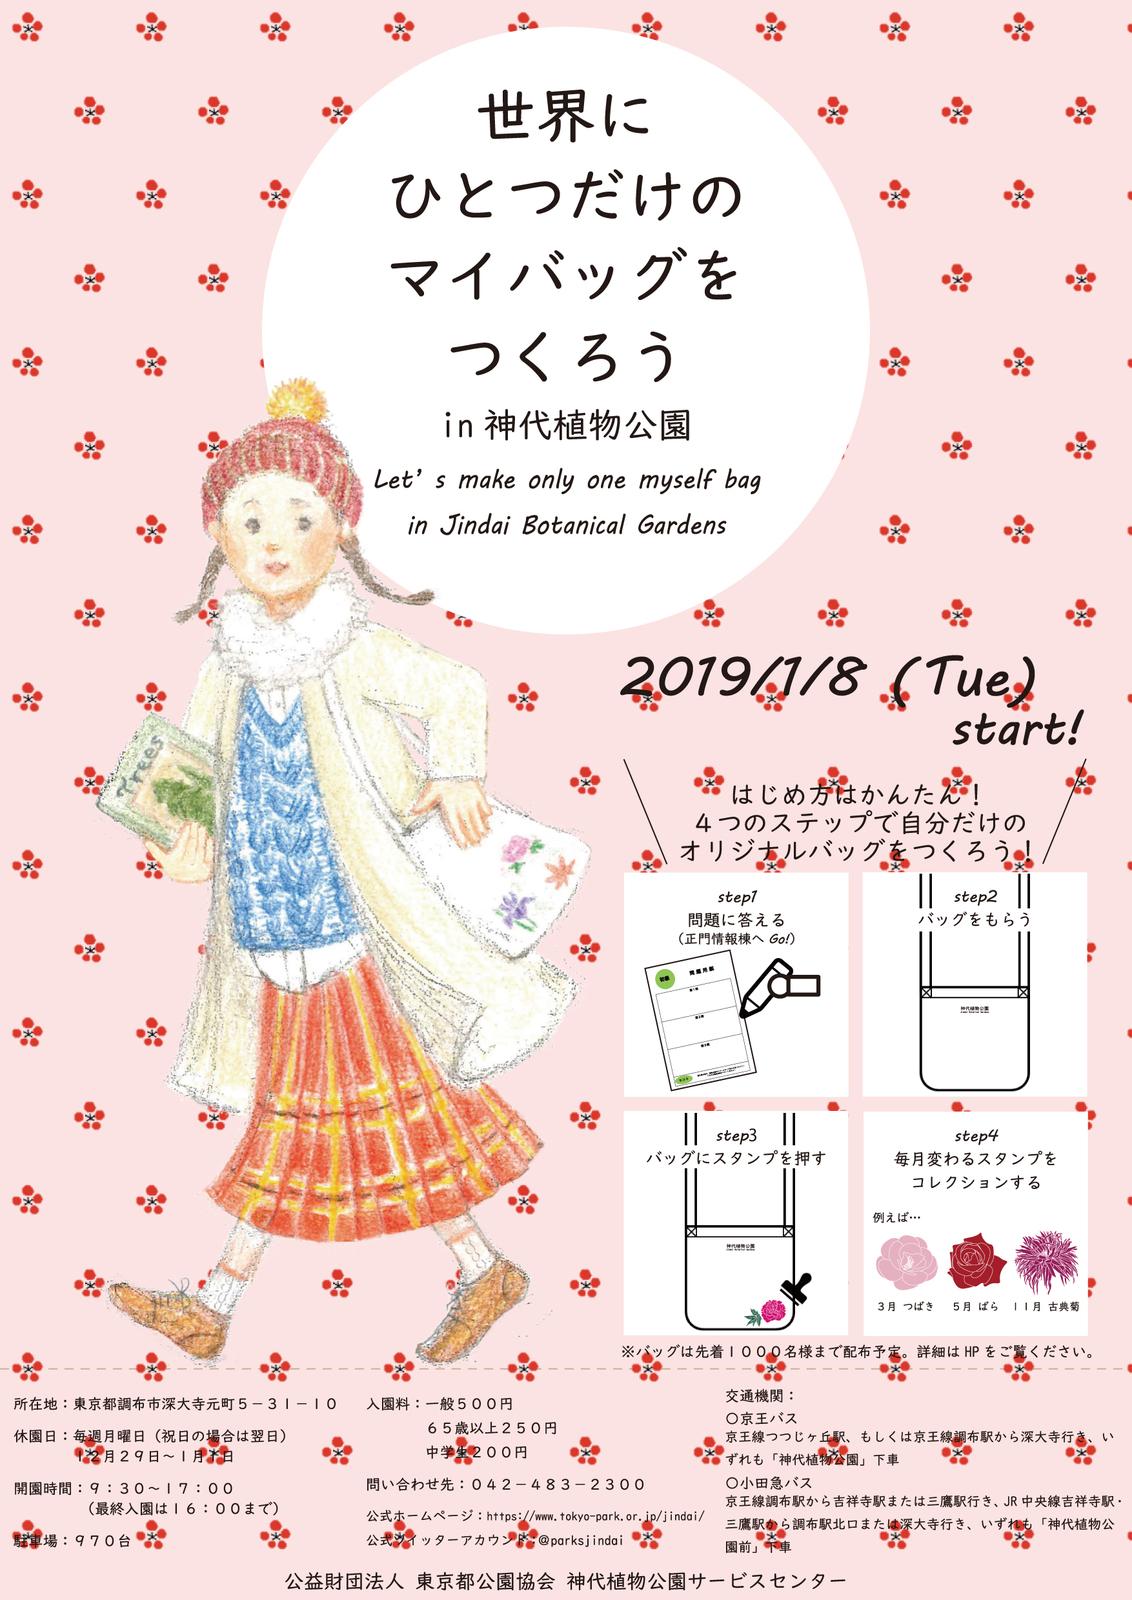 神代植物公園 通年イベント 世界でひとつだけのマイバッグを作ろう ポスター